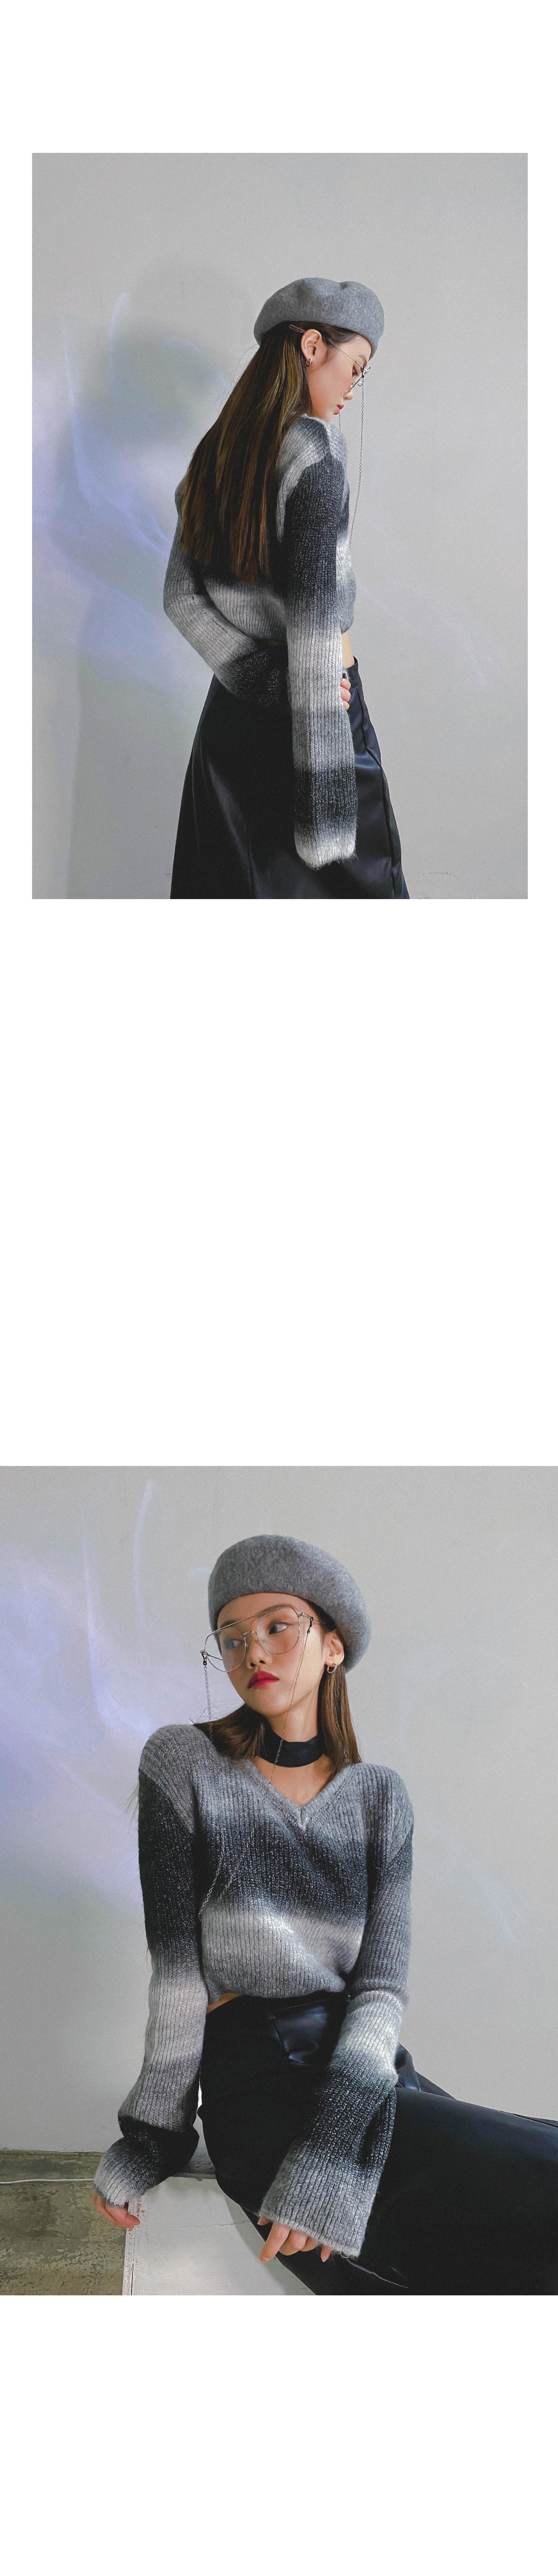 그라데이션 세드 크롭니트